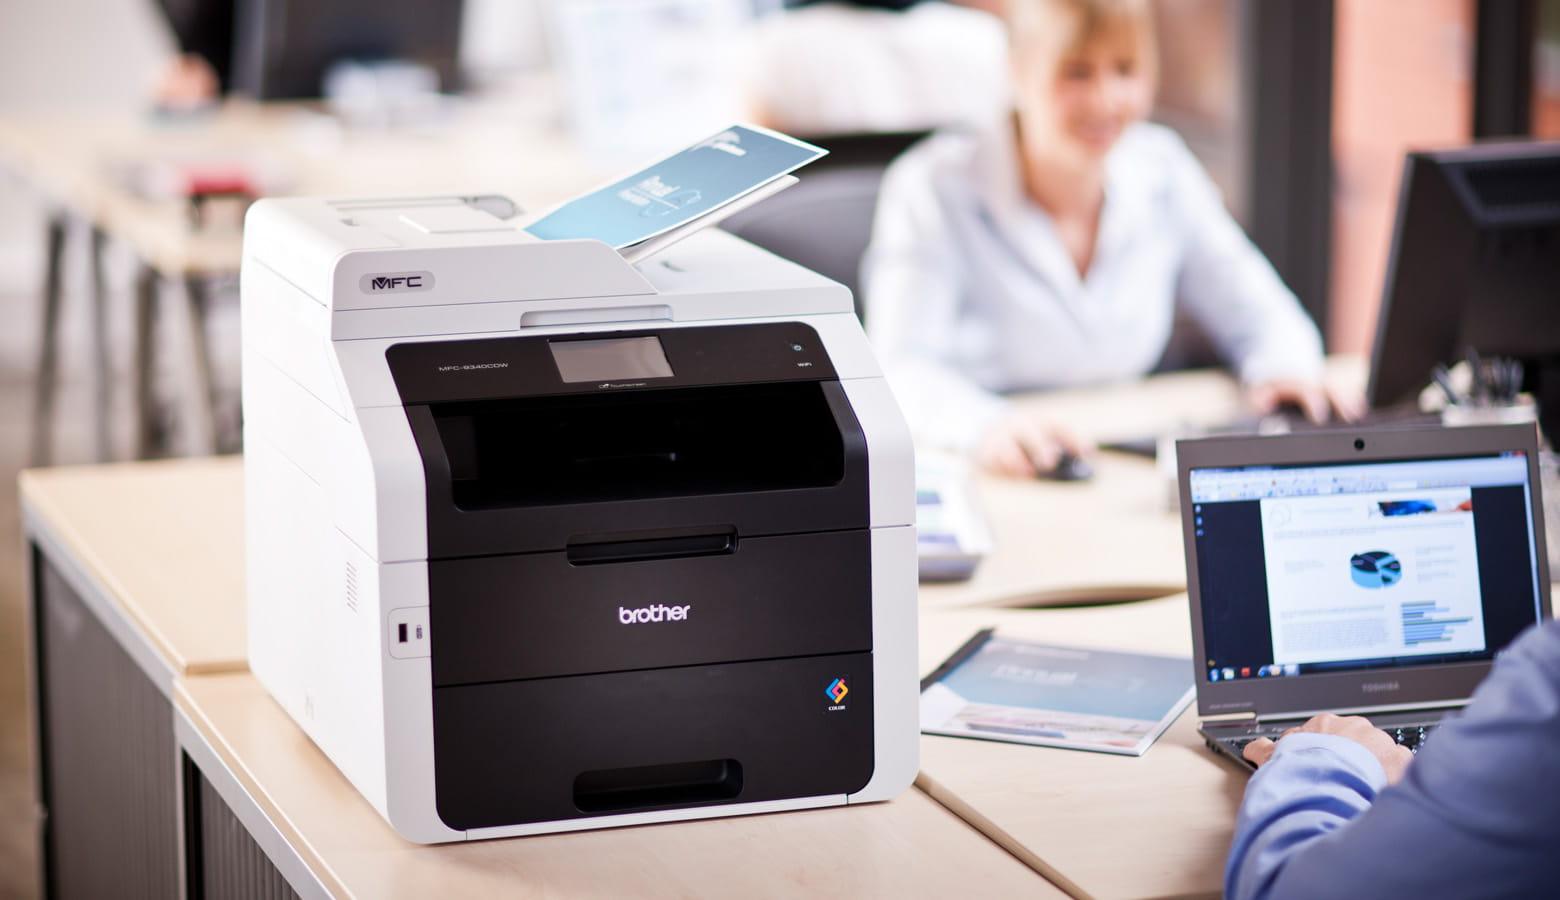 laser printer desk office background Brother